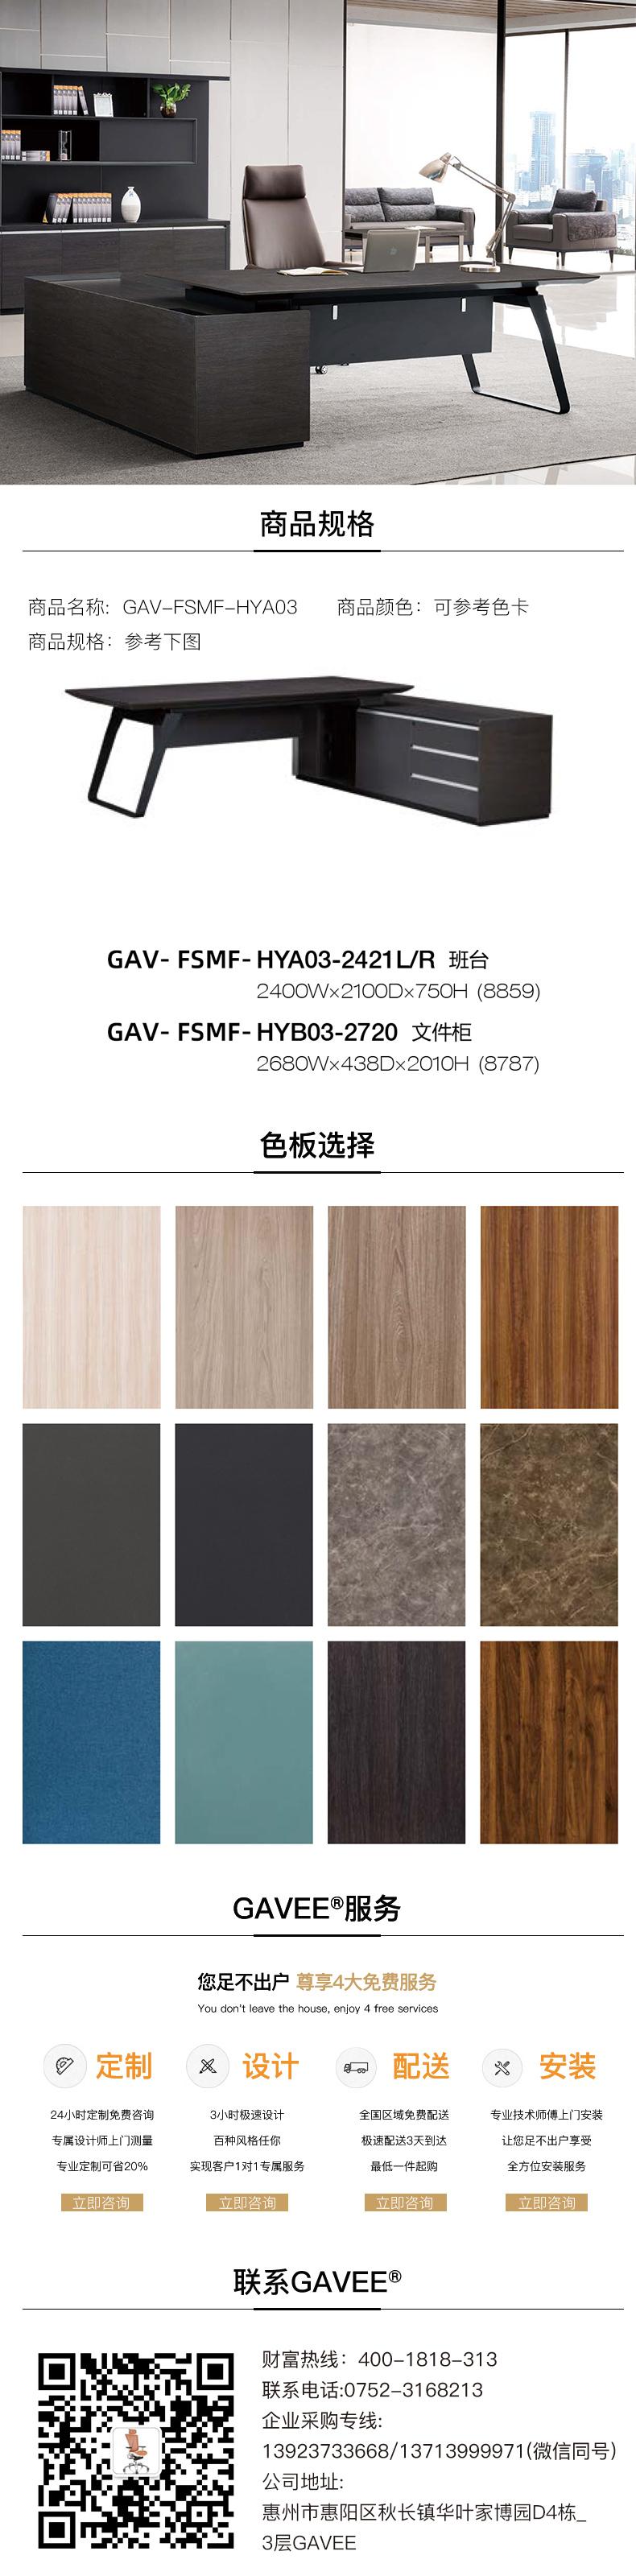 高層決策系統GAV-FSMF-HYA03.jpg